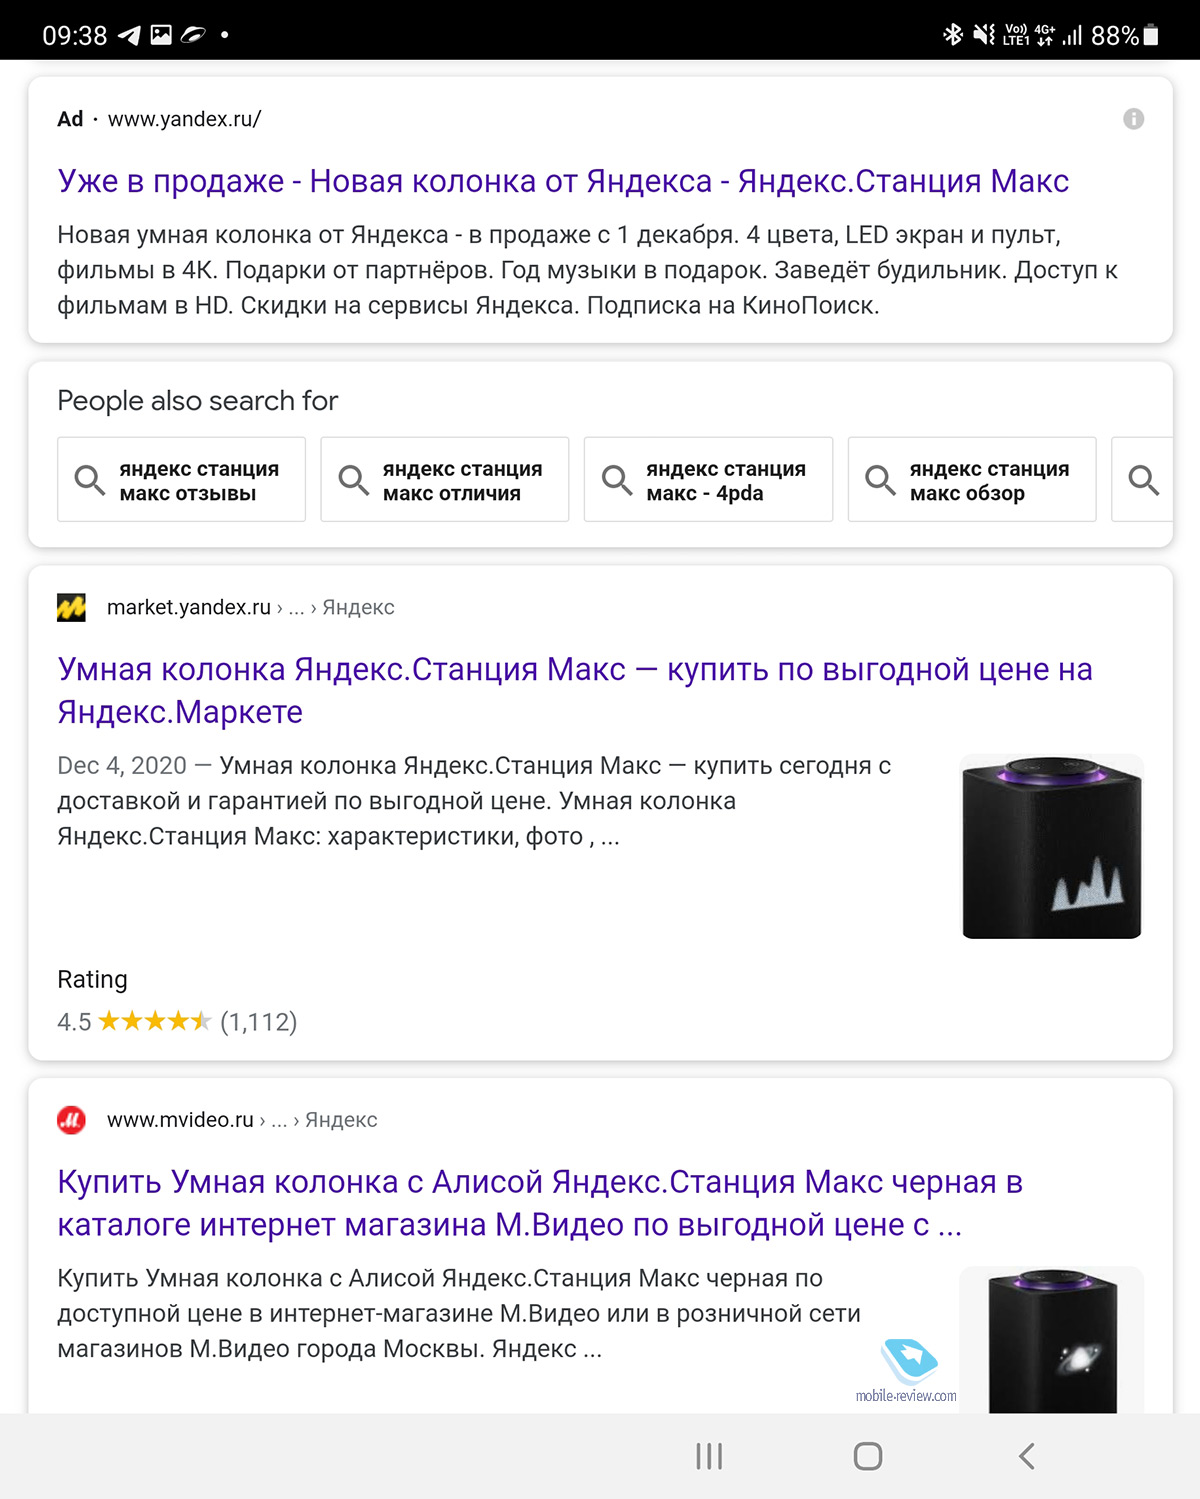 Как в «Яндексе» бегут по граблям. Веселый забег будет, деньги, «Яндекса», компании, компания, можно, «Яндексе», Google, смартфоны, будут, рублей, «Яндекс», просто, чтобы, нужно, только, когда, софта, смартфонов, сегодня